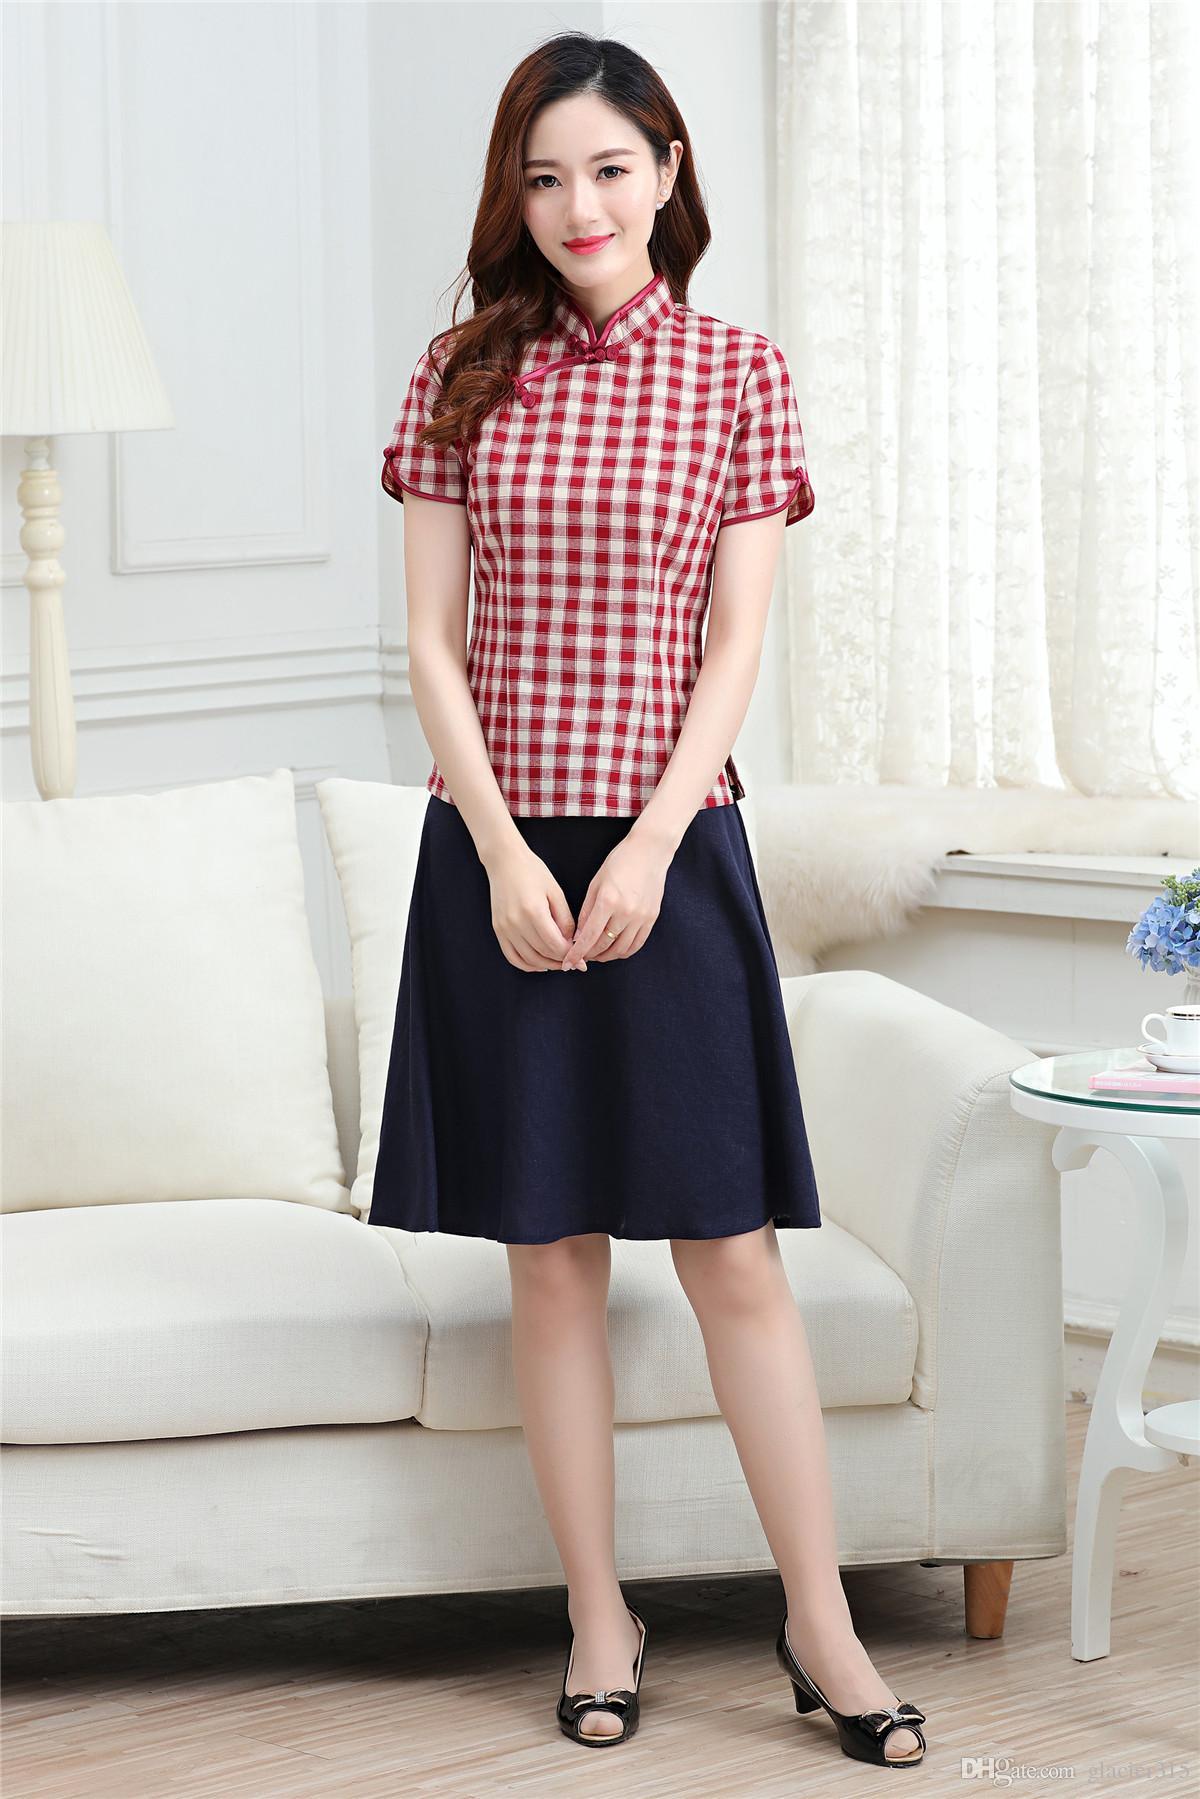 상하이 이야기 2 개 세트 중국 전통 스타일의 유니폼 리넨 블라우스 긴 치마 빈티지 드레스 세트 여자